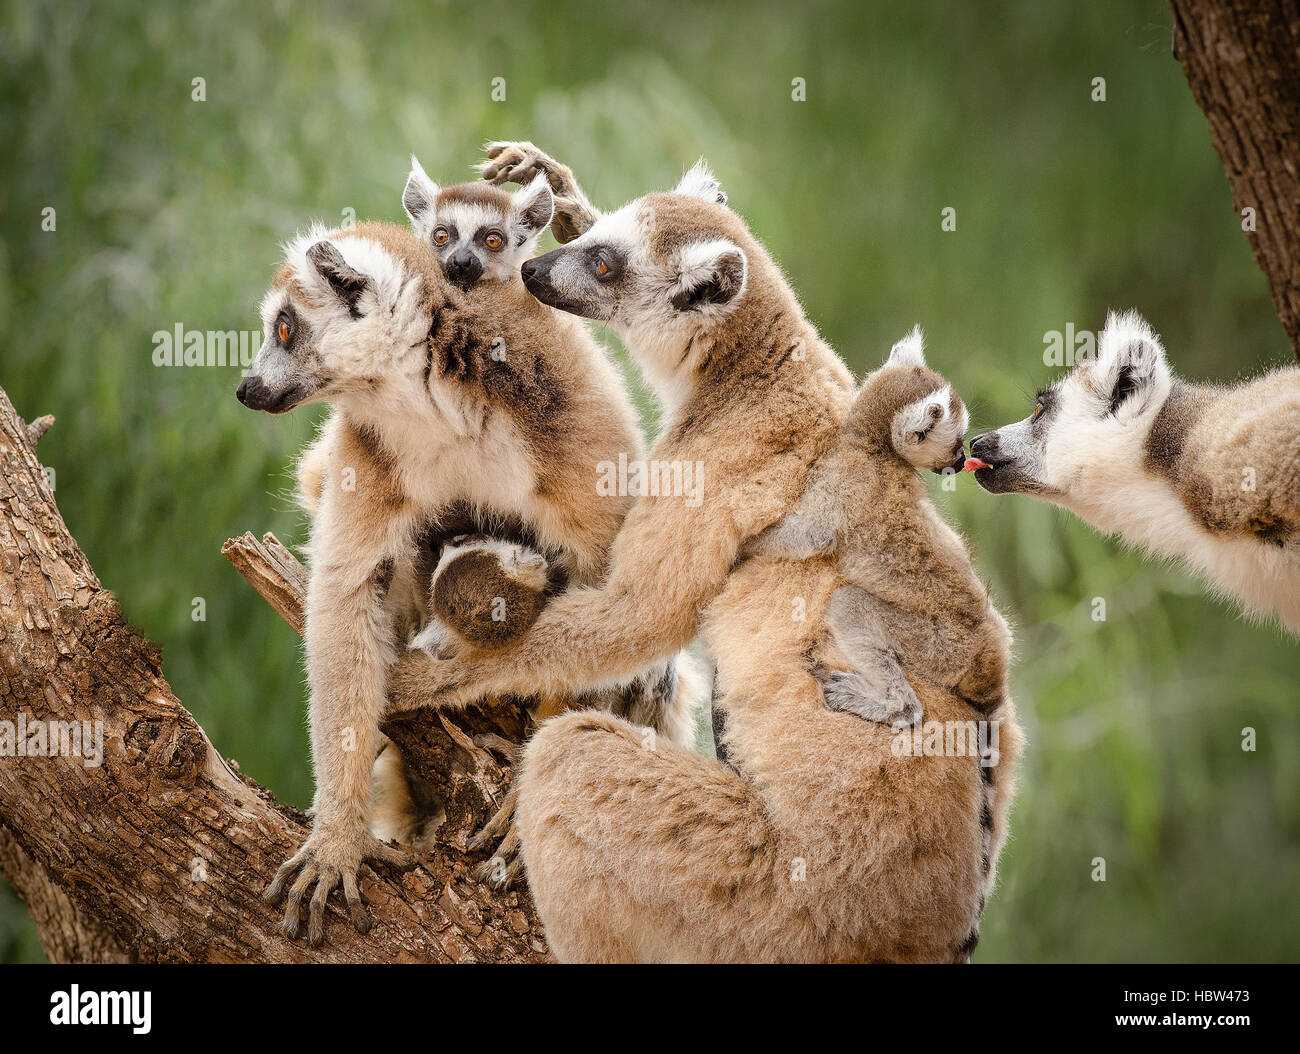 Ring-tailed lemur (Lemur catta) family - Stock Image